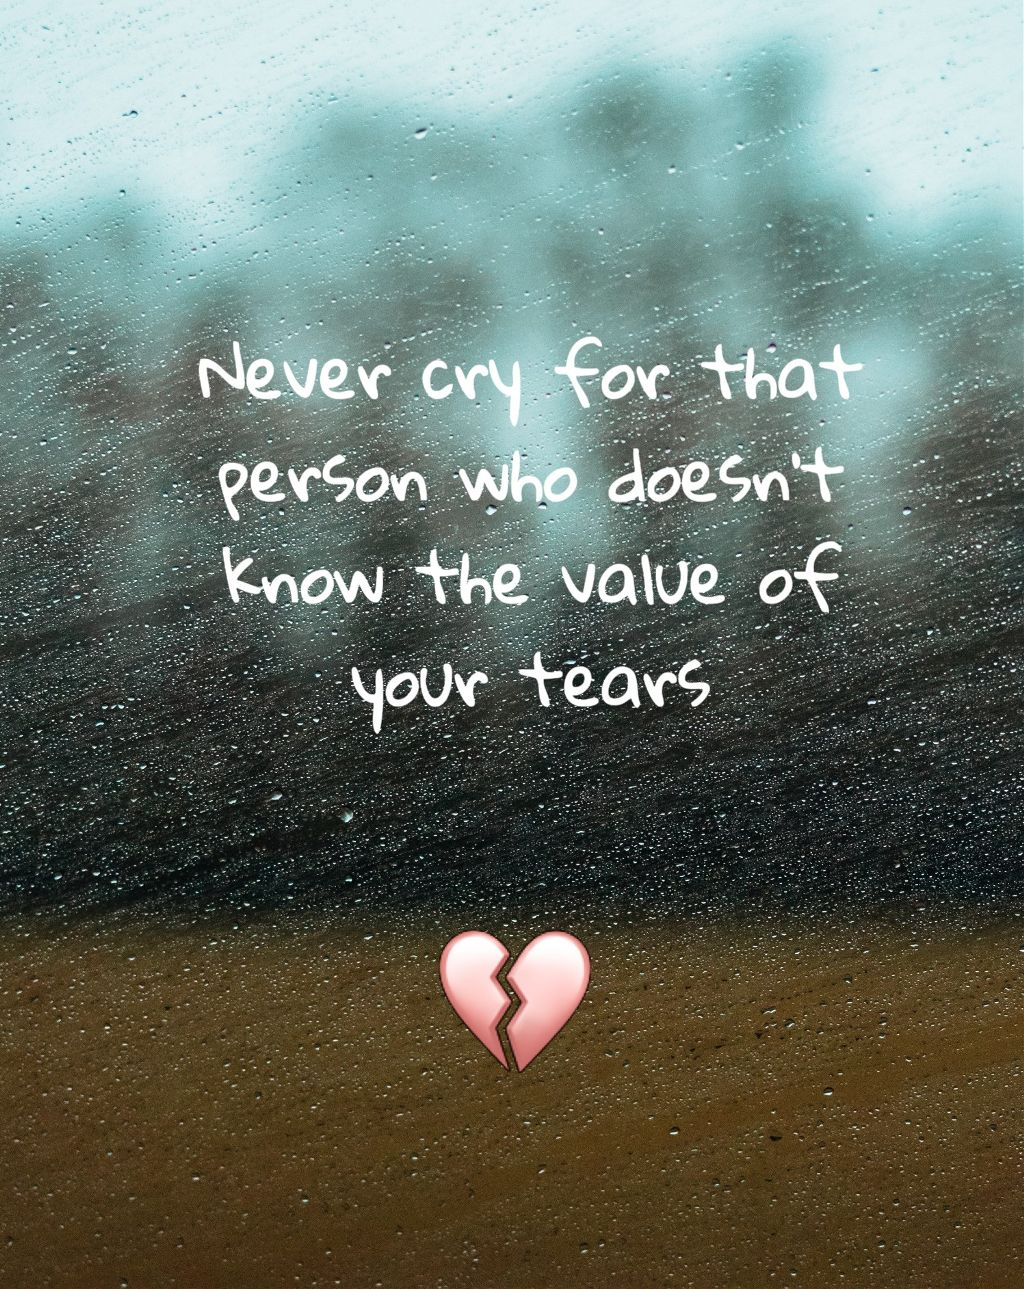 #freetoedit #true #sad #heartbroken #tears #hope #believe #live